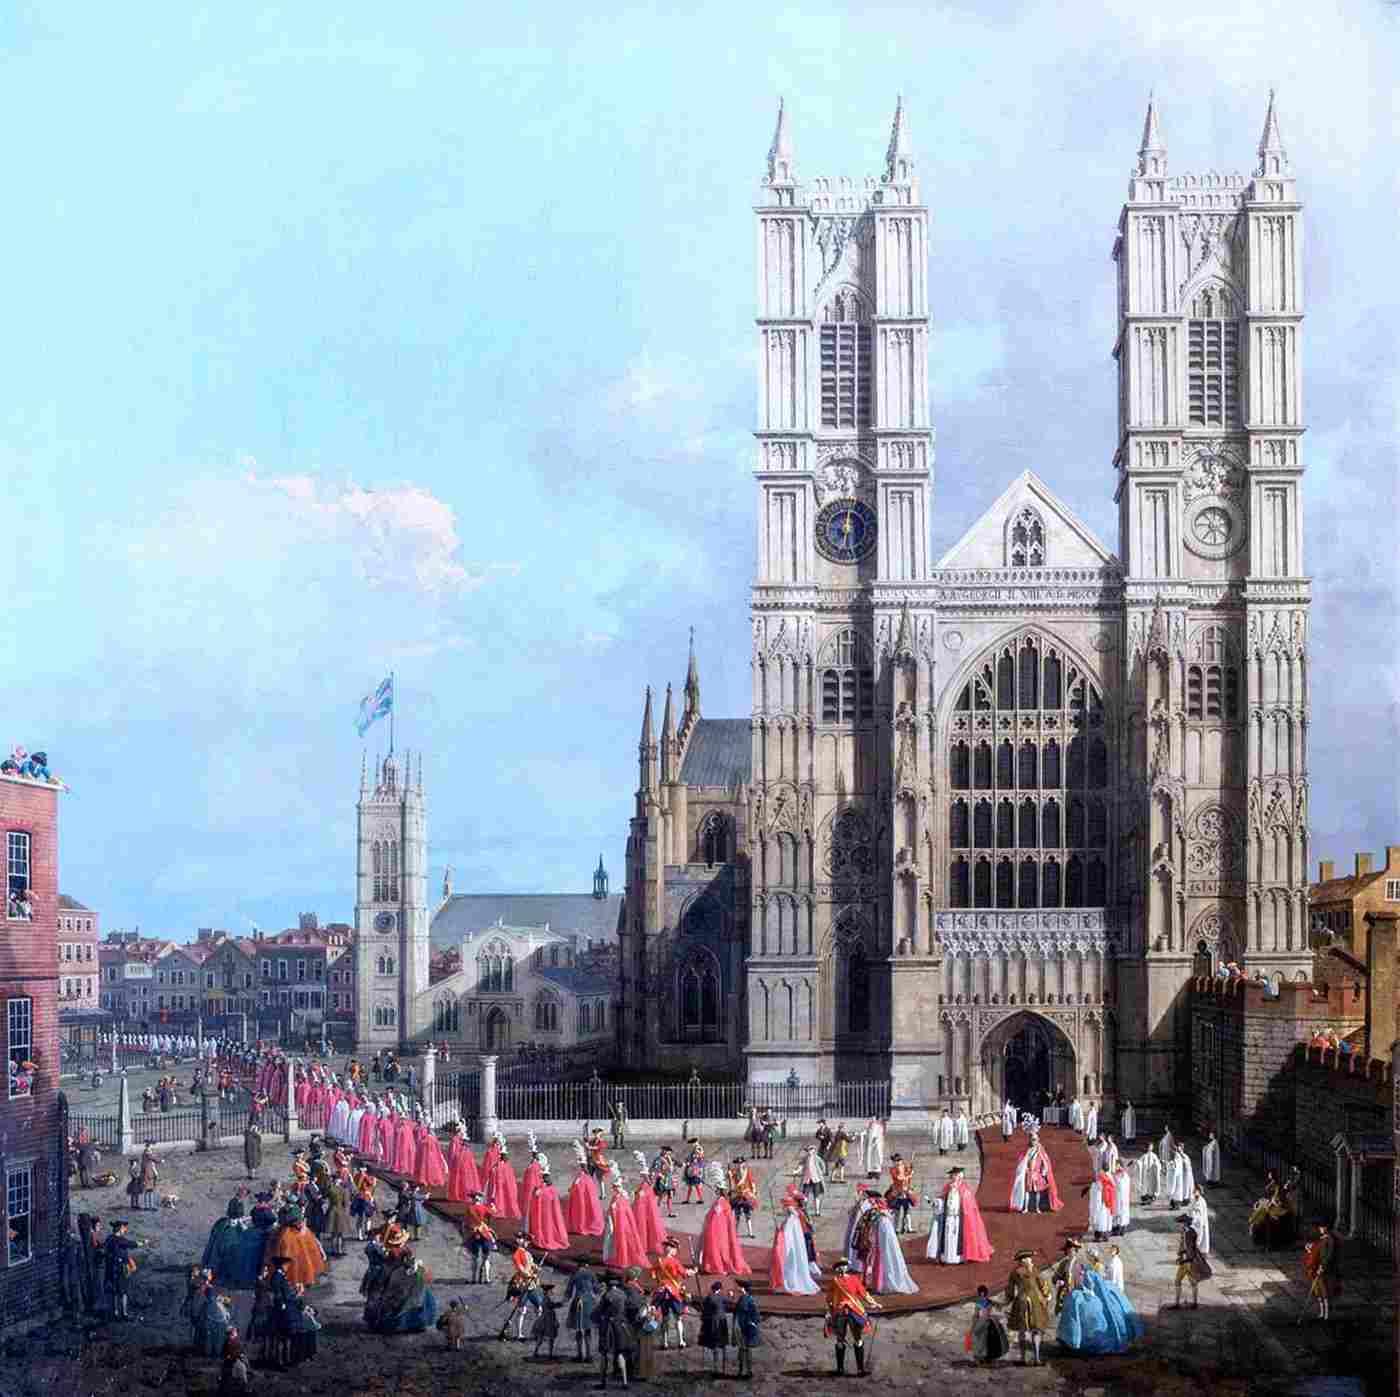 In mostra a Londra la Westminster Abbey di Canaletto, raramente vista in pubblico